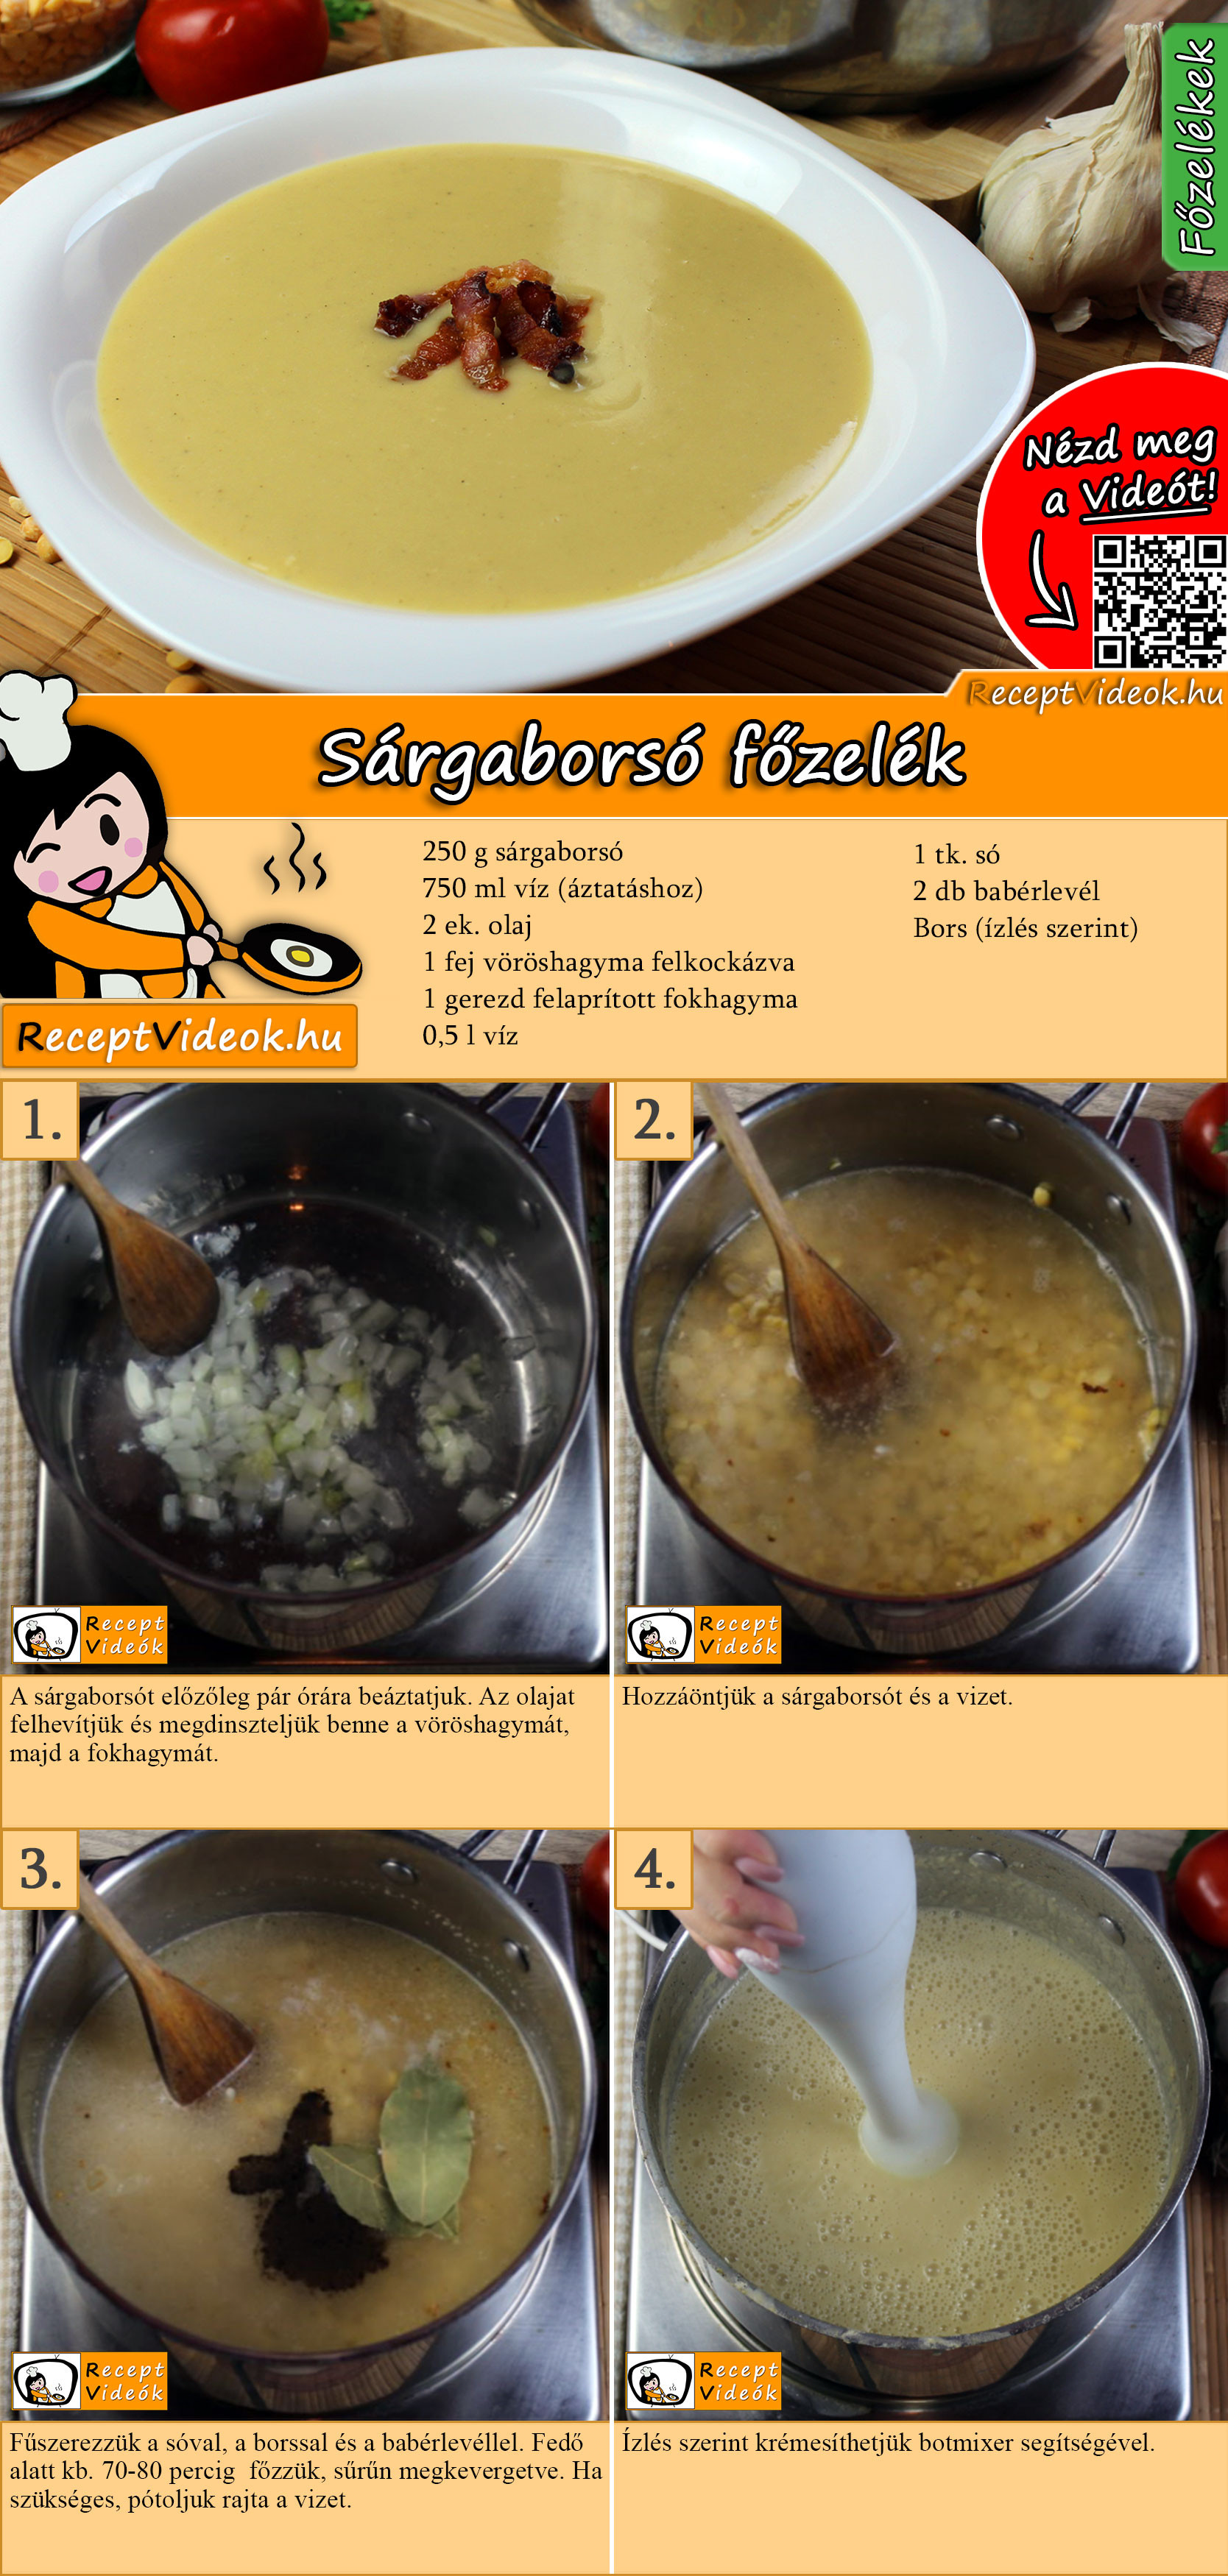 Sárgaborsó főzelék recept elkészítése videóval